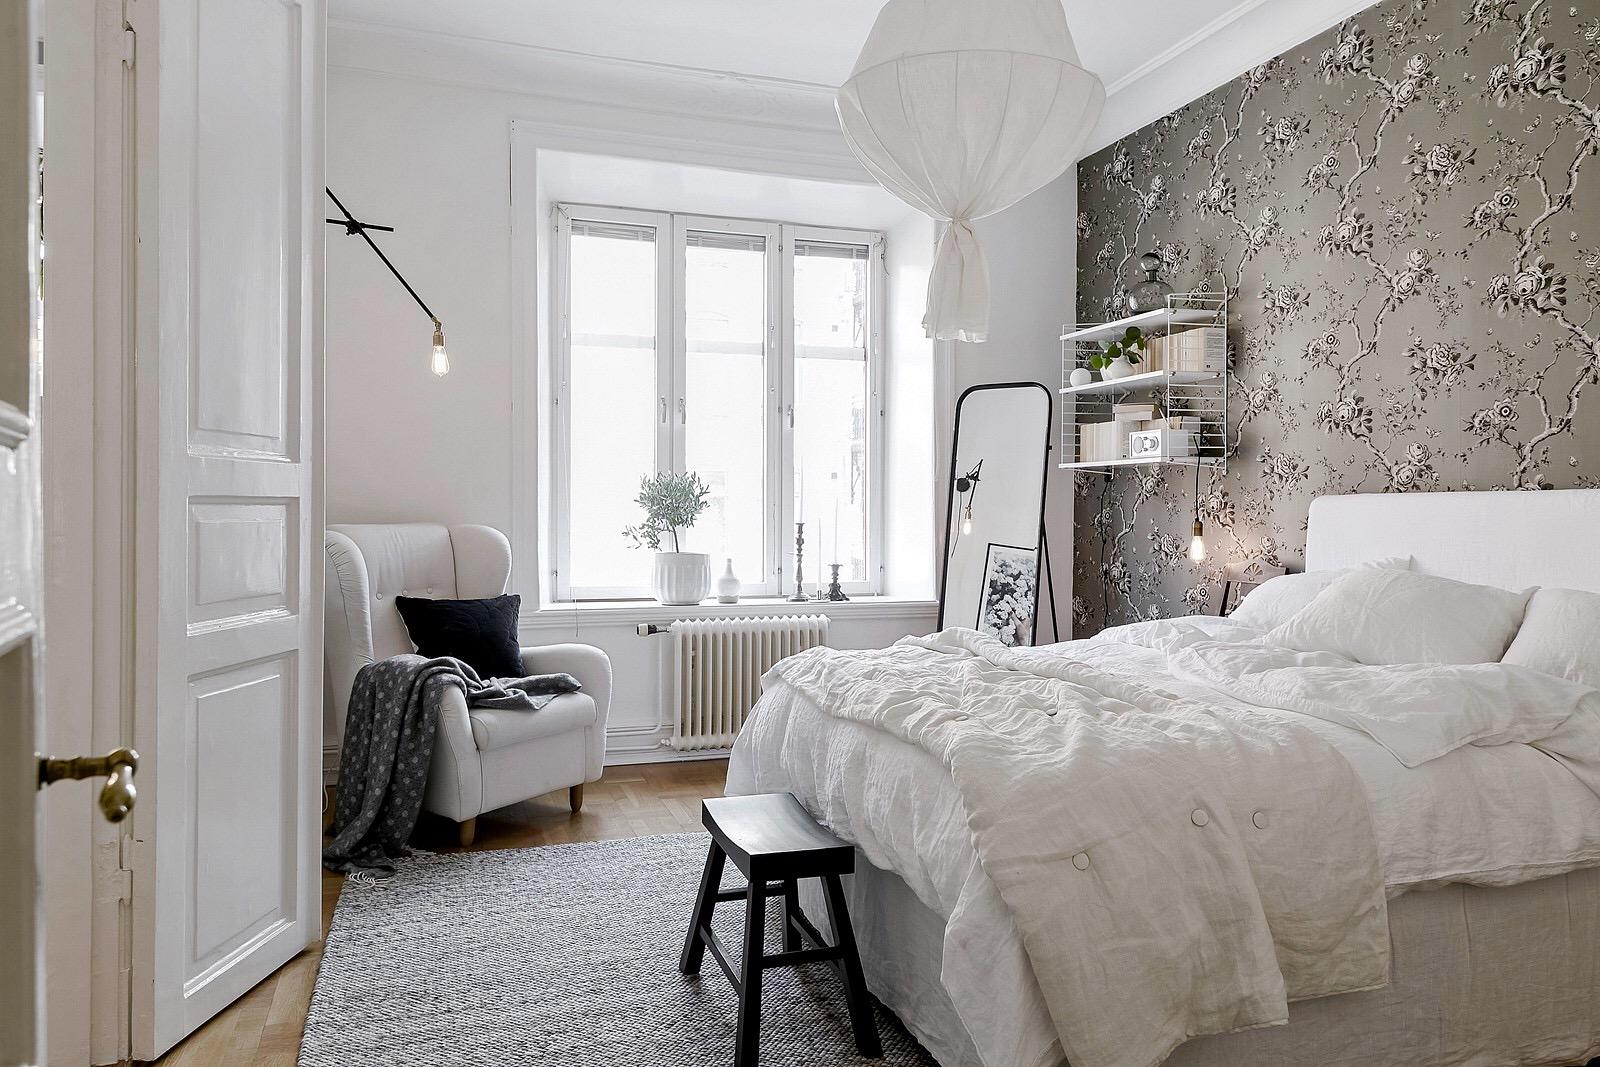 спальня кровать окно кресло скамейка